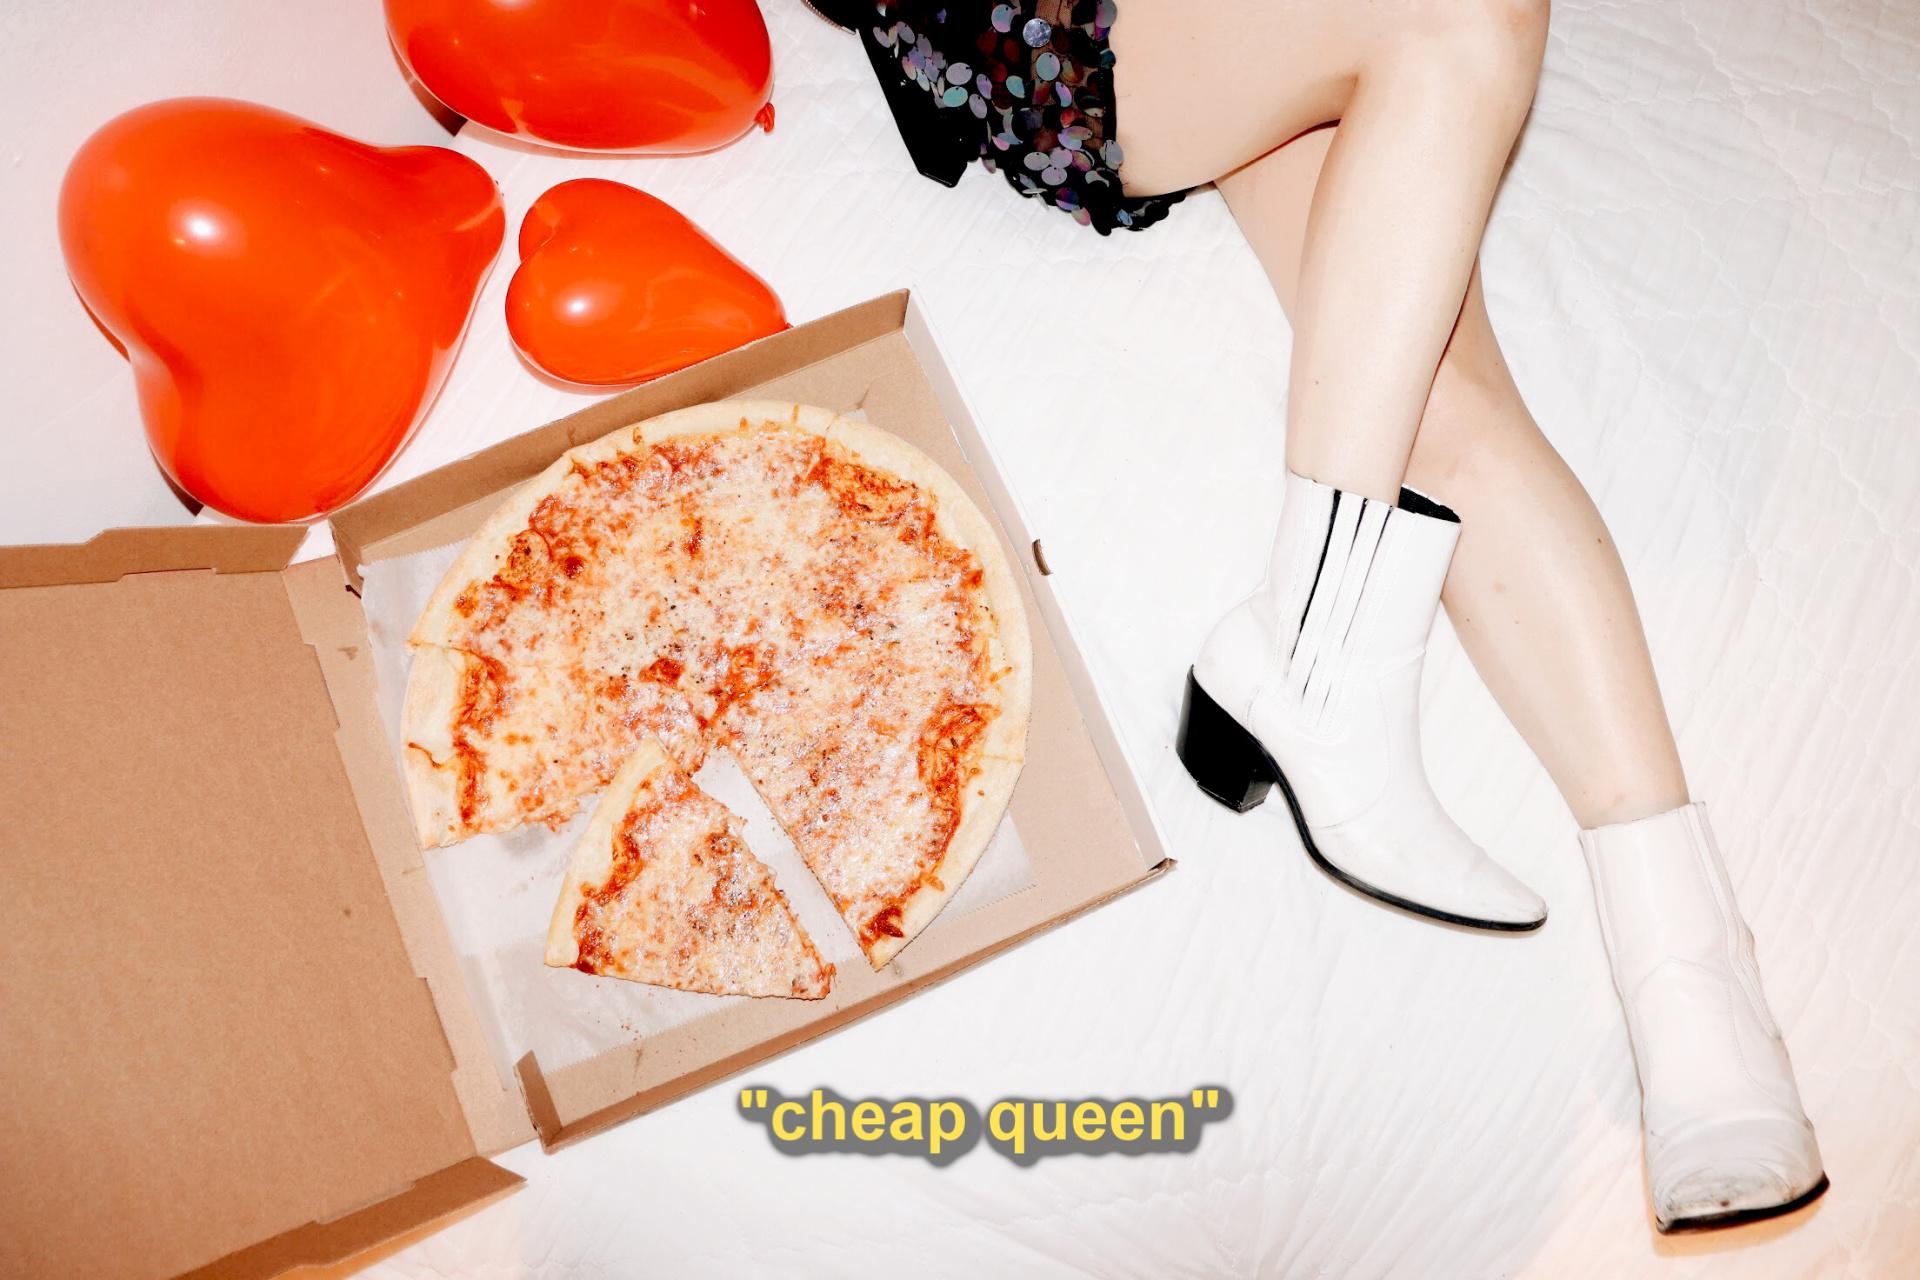 cheap queen 2.jpg